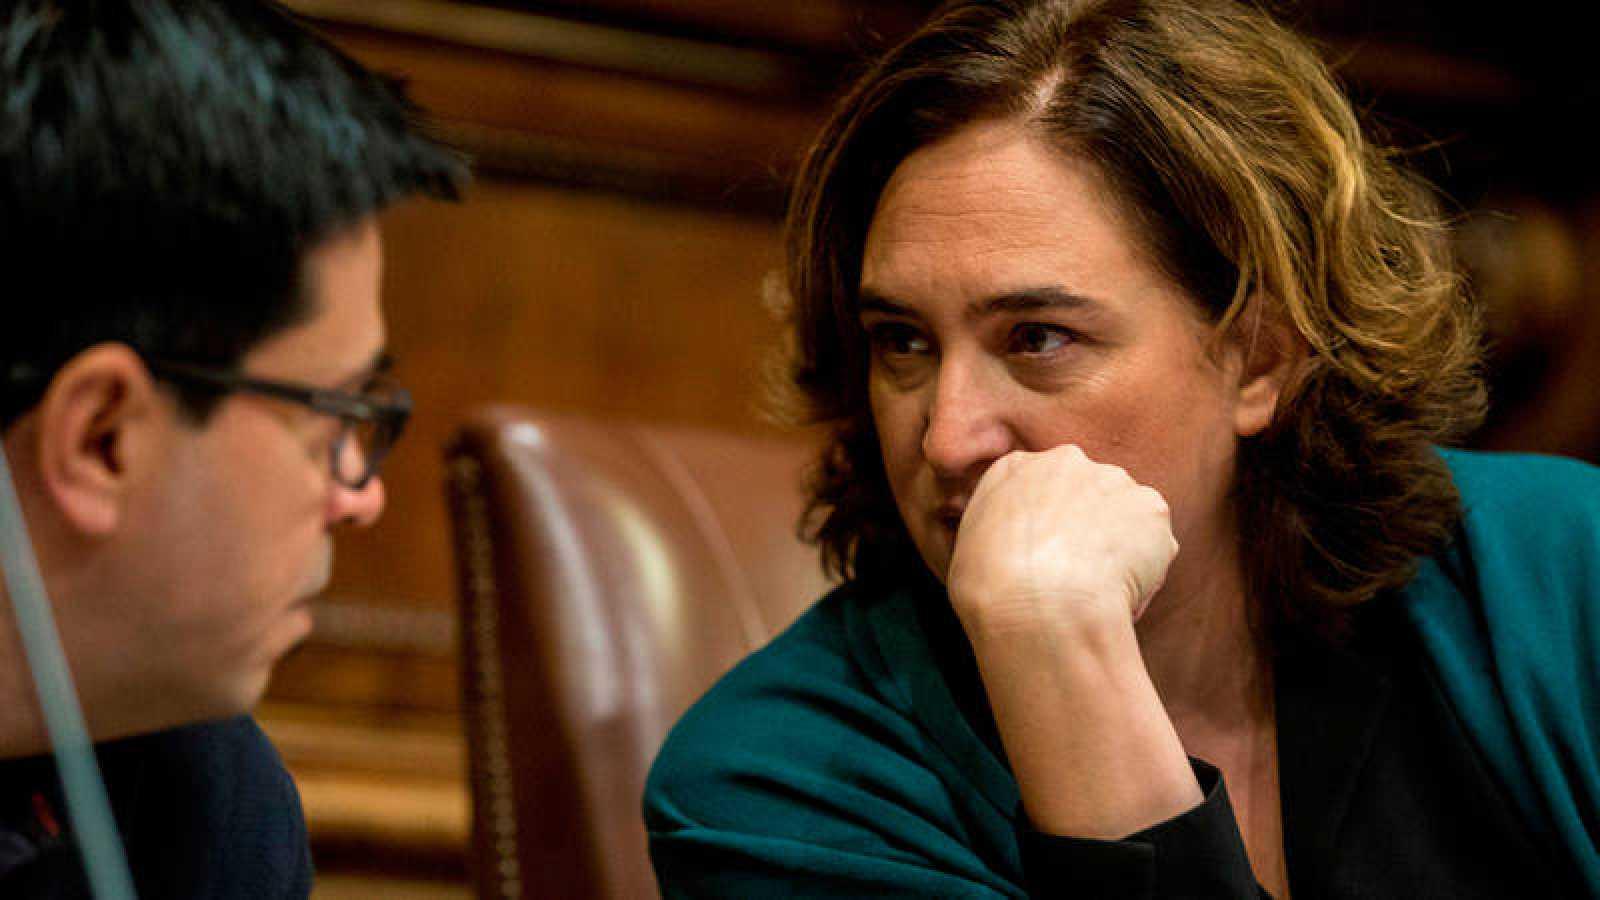 La alcaldesa de Barcelona Ada Colau, habla con el primer teniente alcalde, Gerardo Pisarello, durante el pleno del Ayuntamiento.